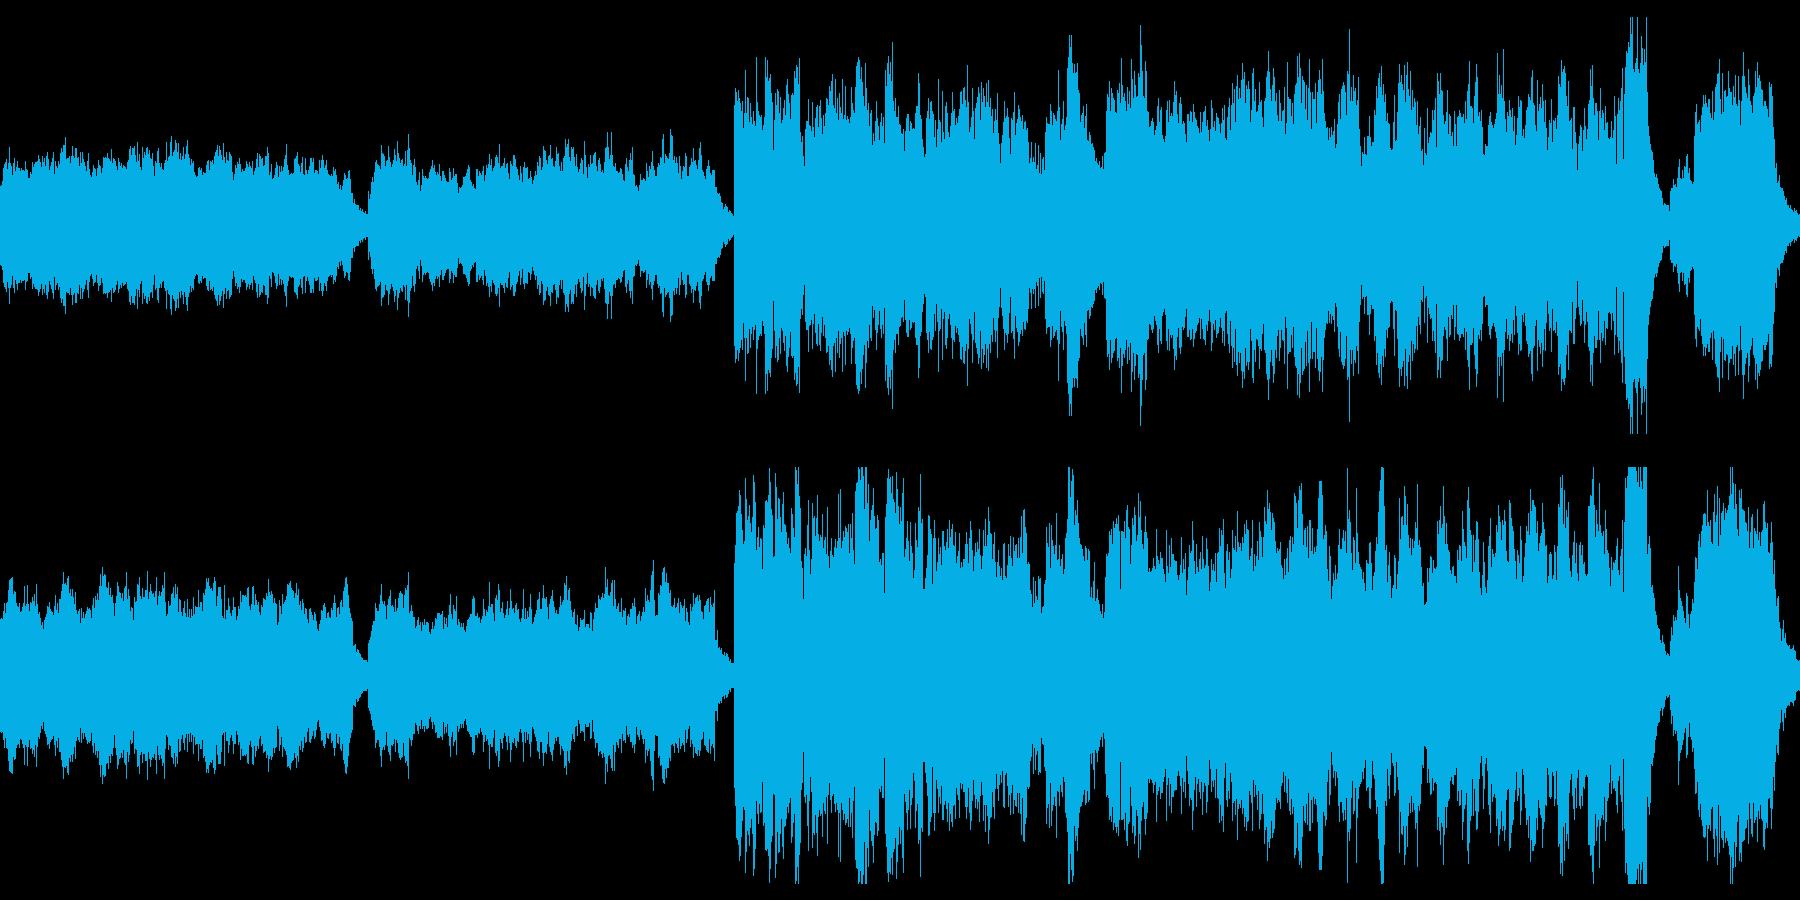 禍々しい城館〜不気味で荘厳なオルガン曲の再生済みの波形